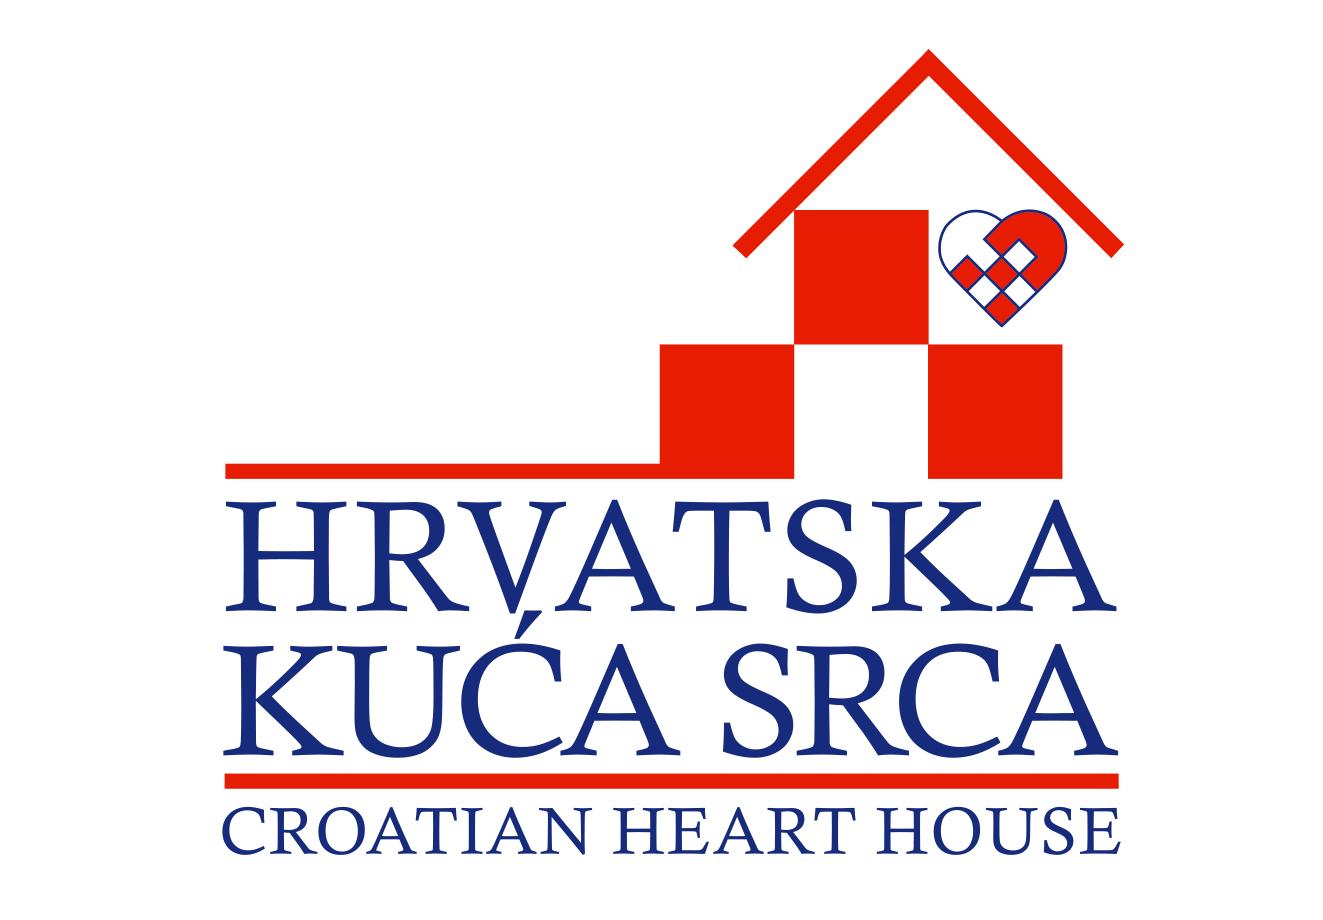 Hrvatska kuća srca podržava projekt Čuvari srca